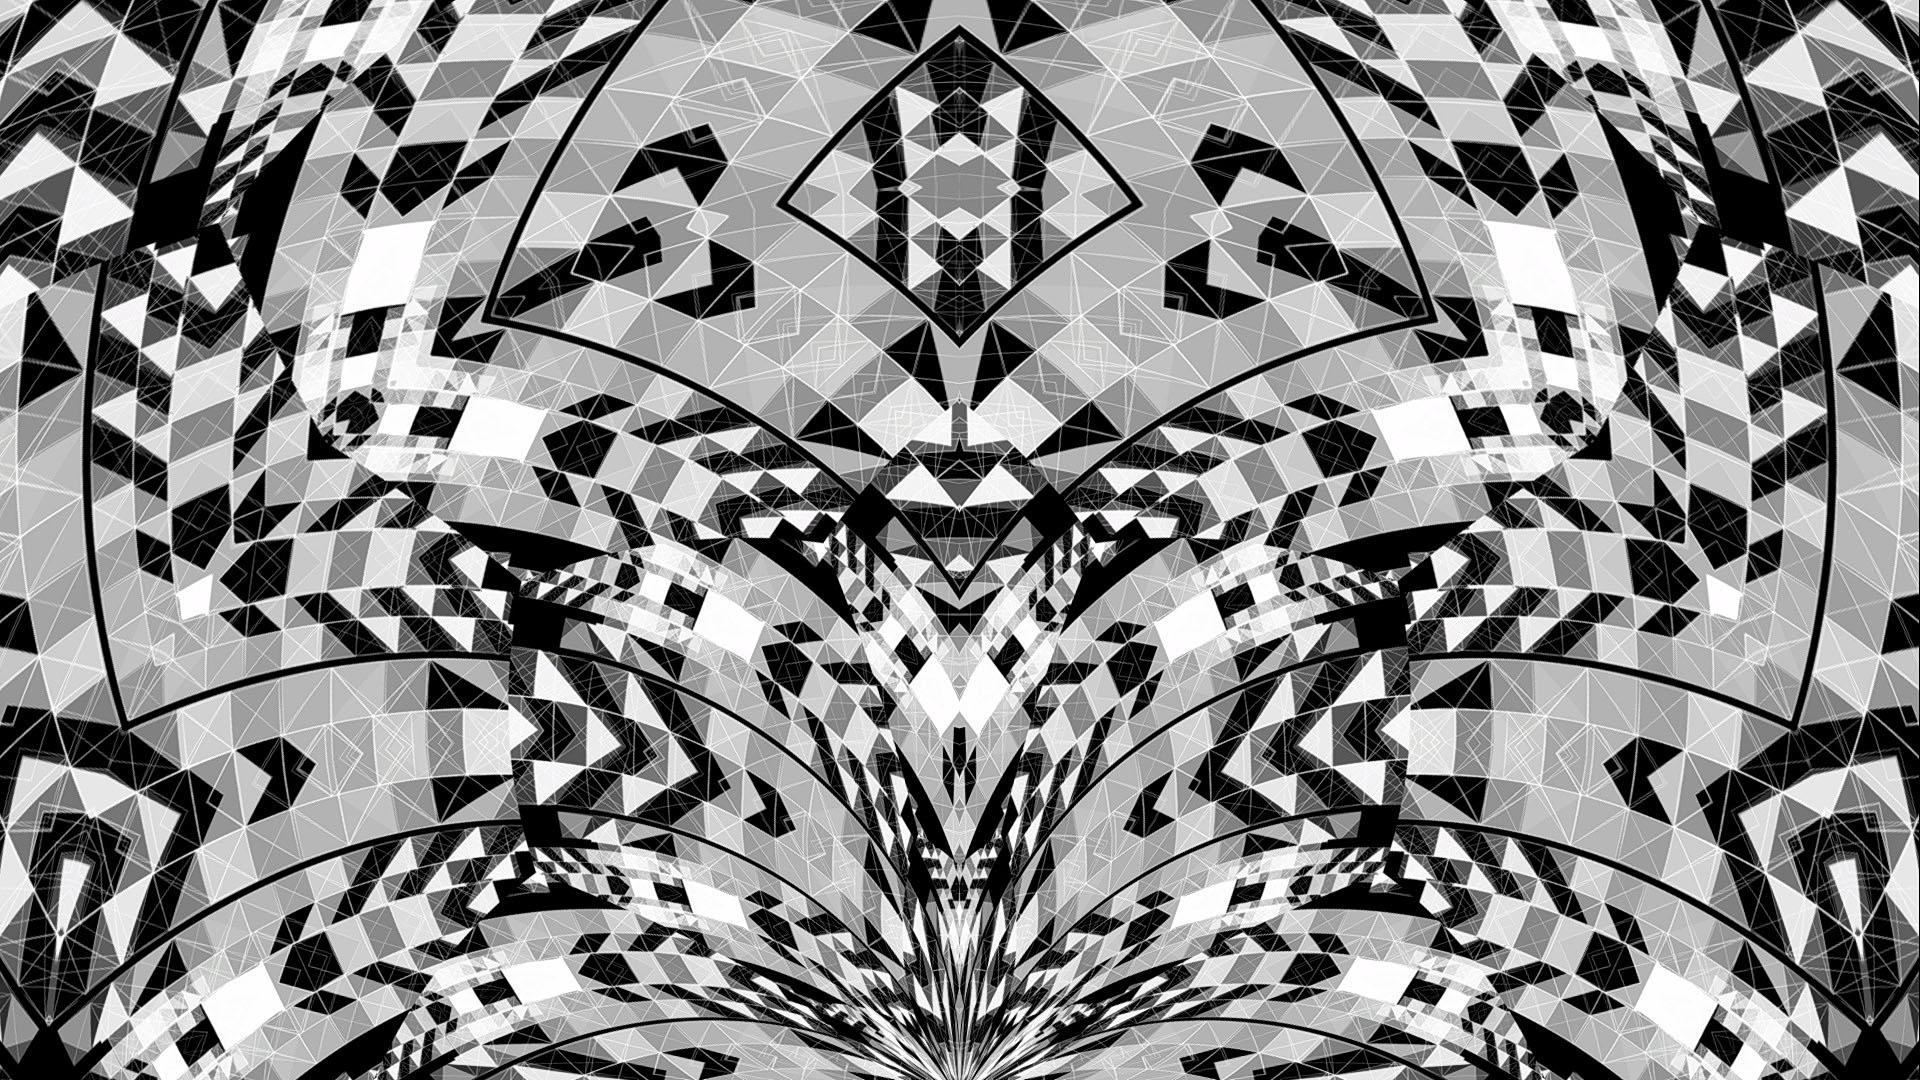 squareblack_vj_loops_Layer_11